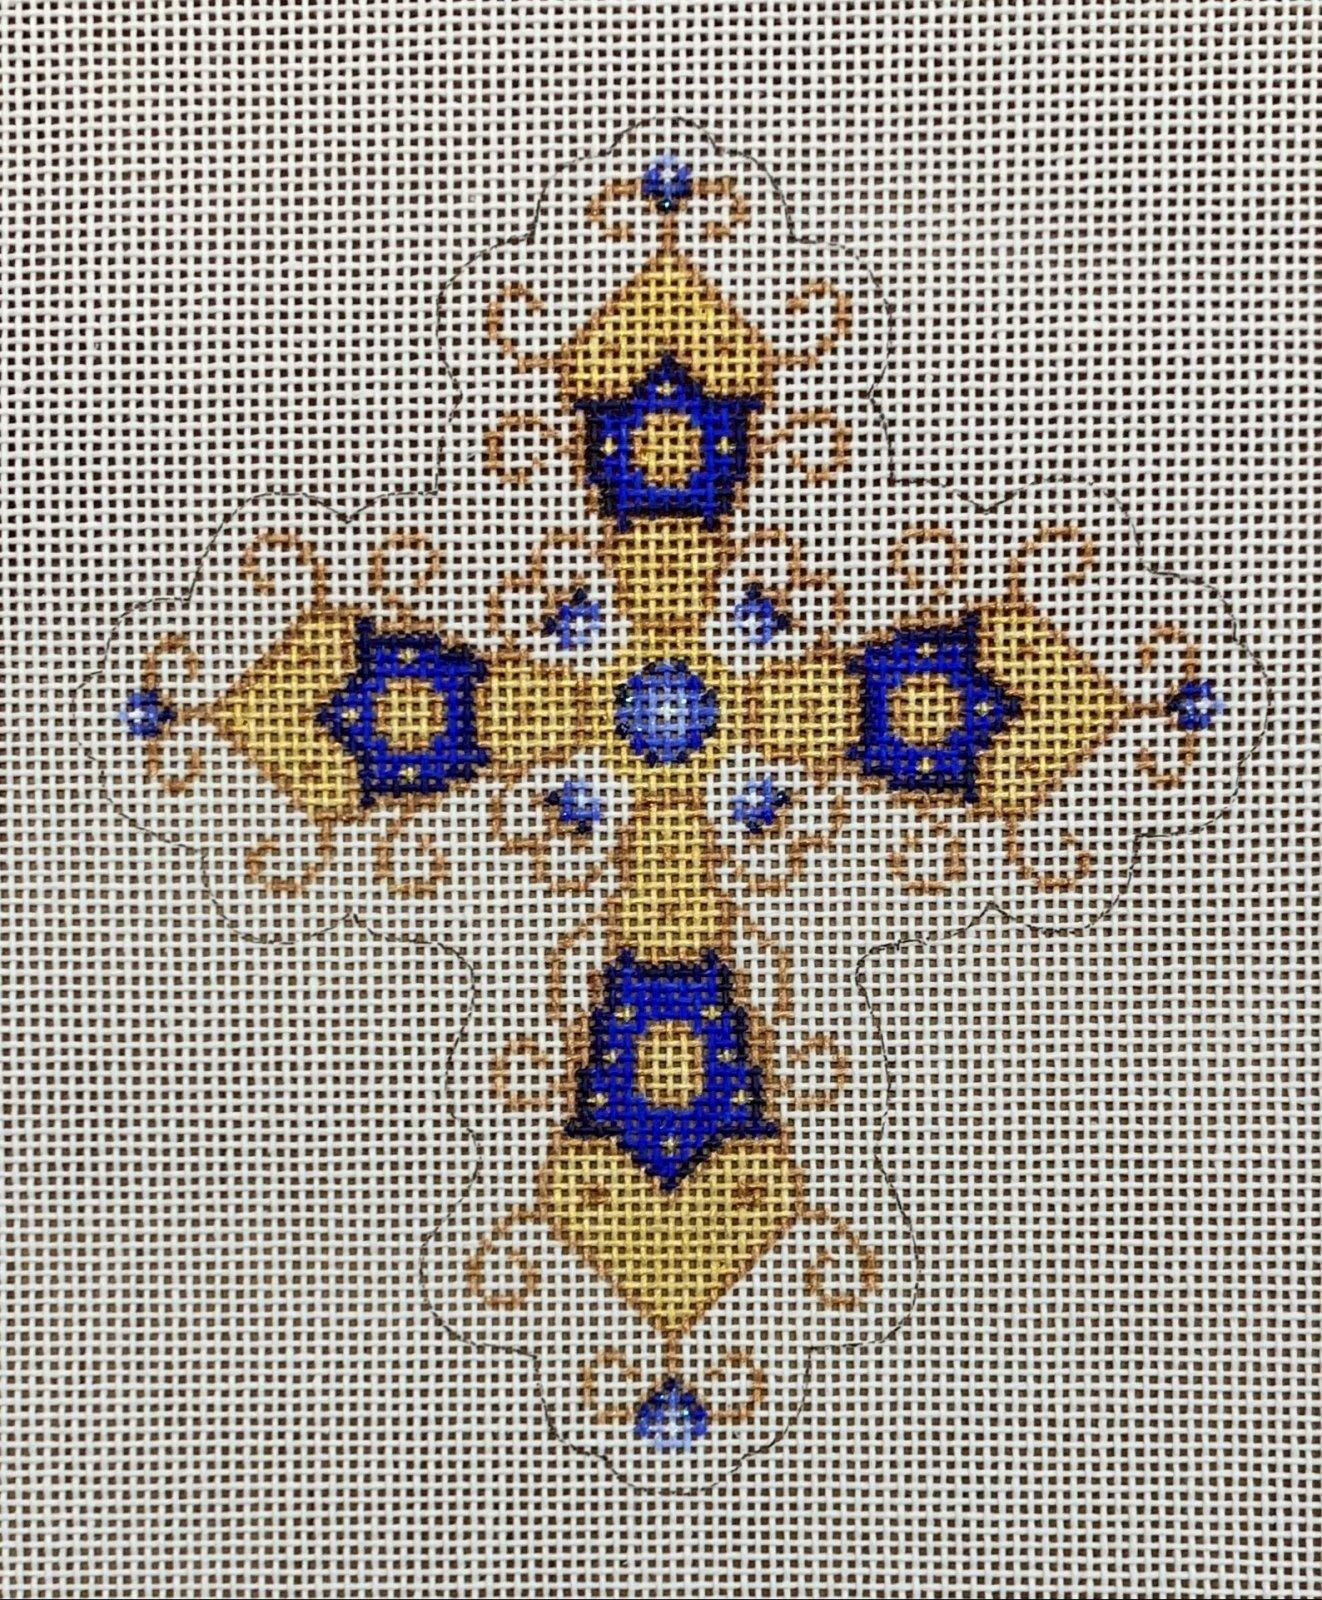 Cross - Blue & Gold